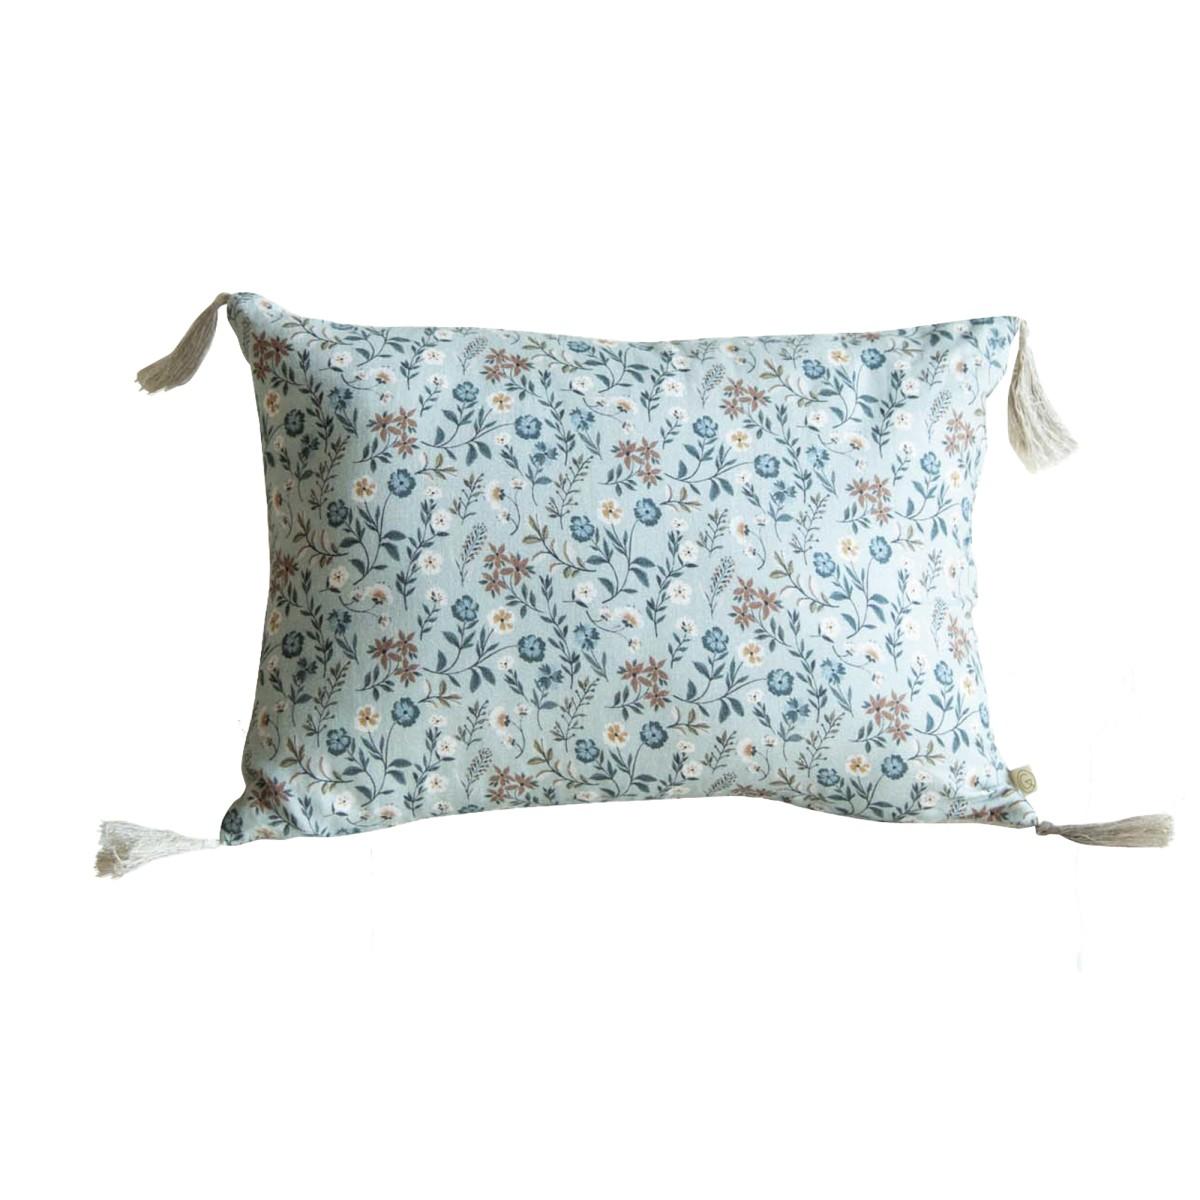 Housse de coussin en coton lin imprimé fleuri bleu 25x35